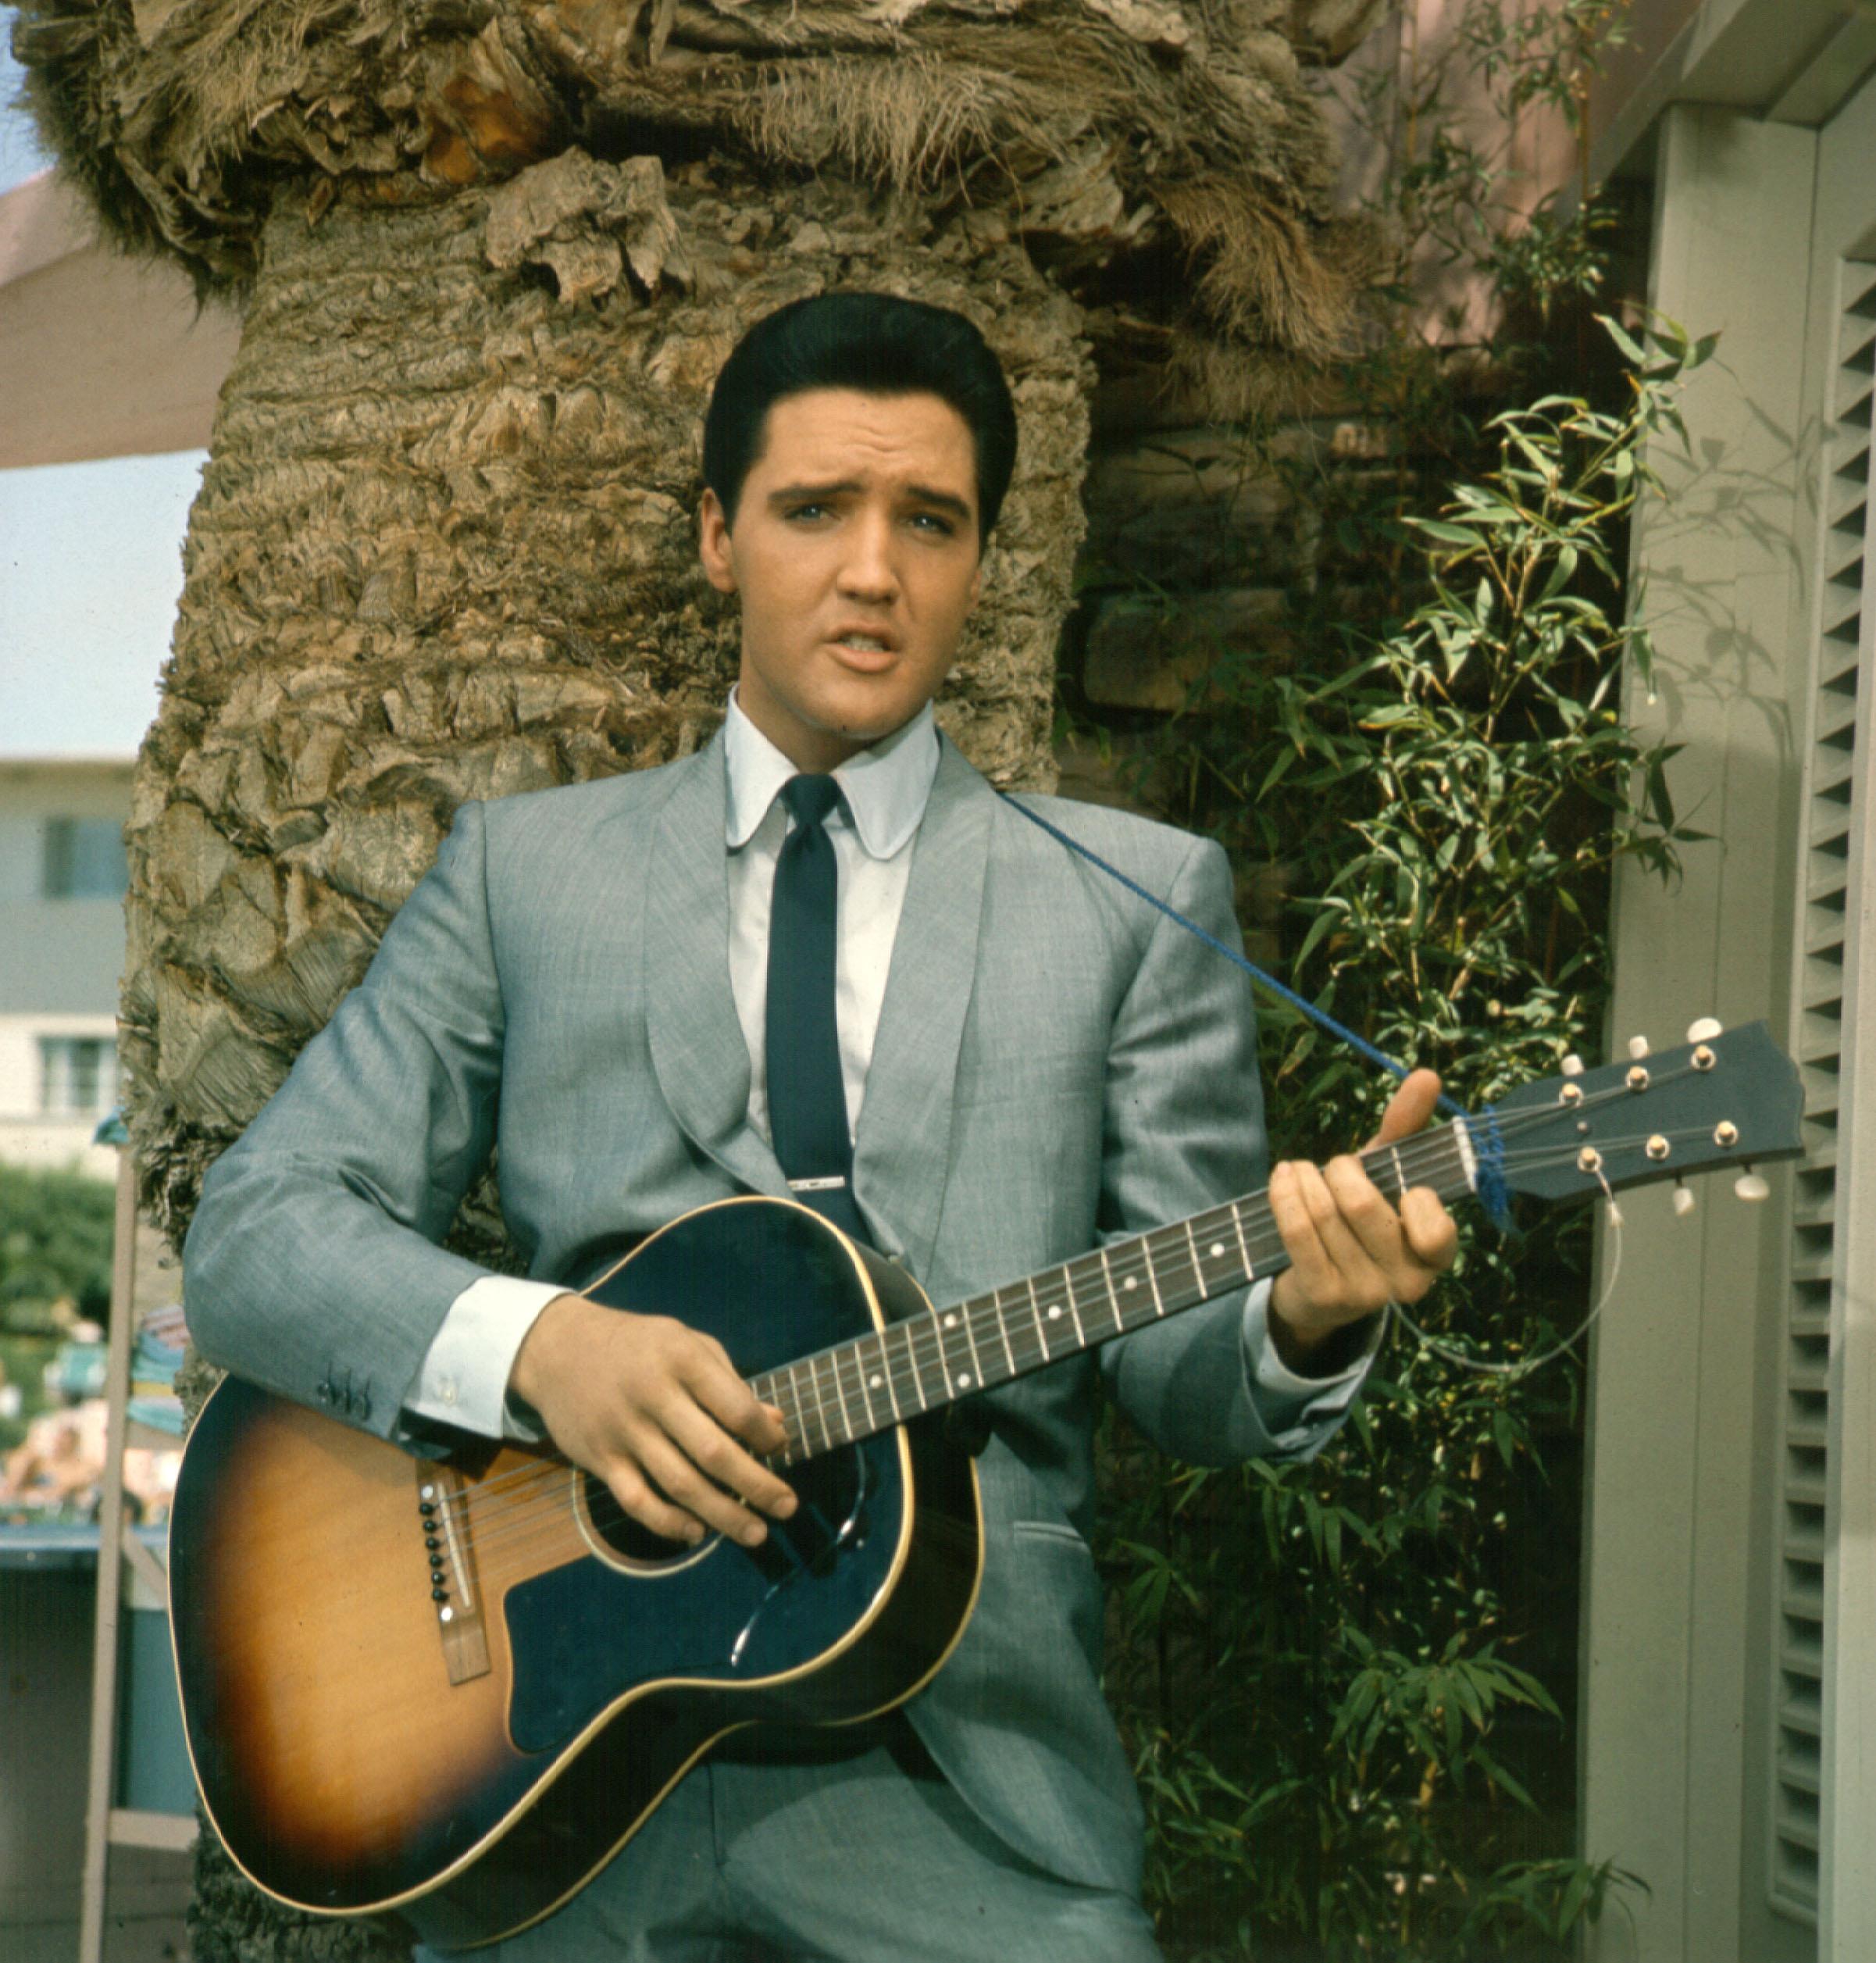 Elvis Presley in a movie still